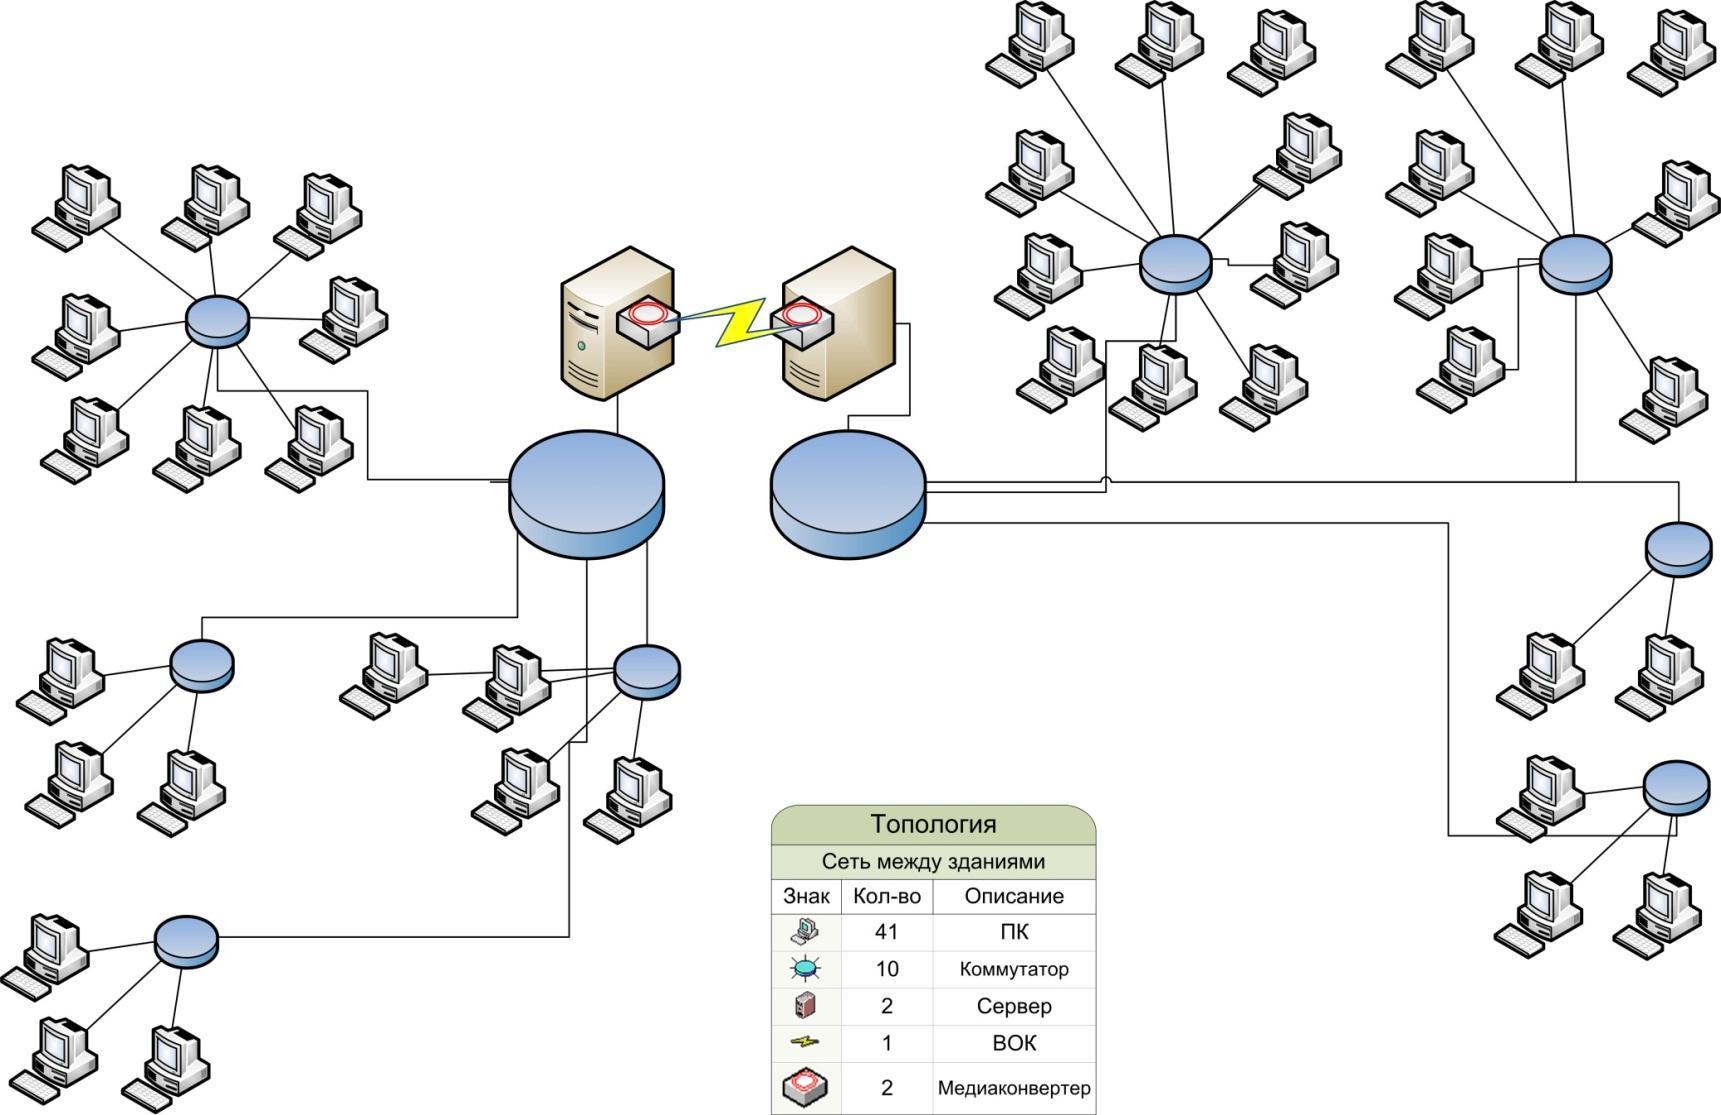 Схема подключения локальной сети к серверу